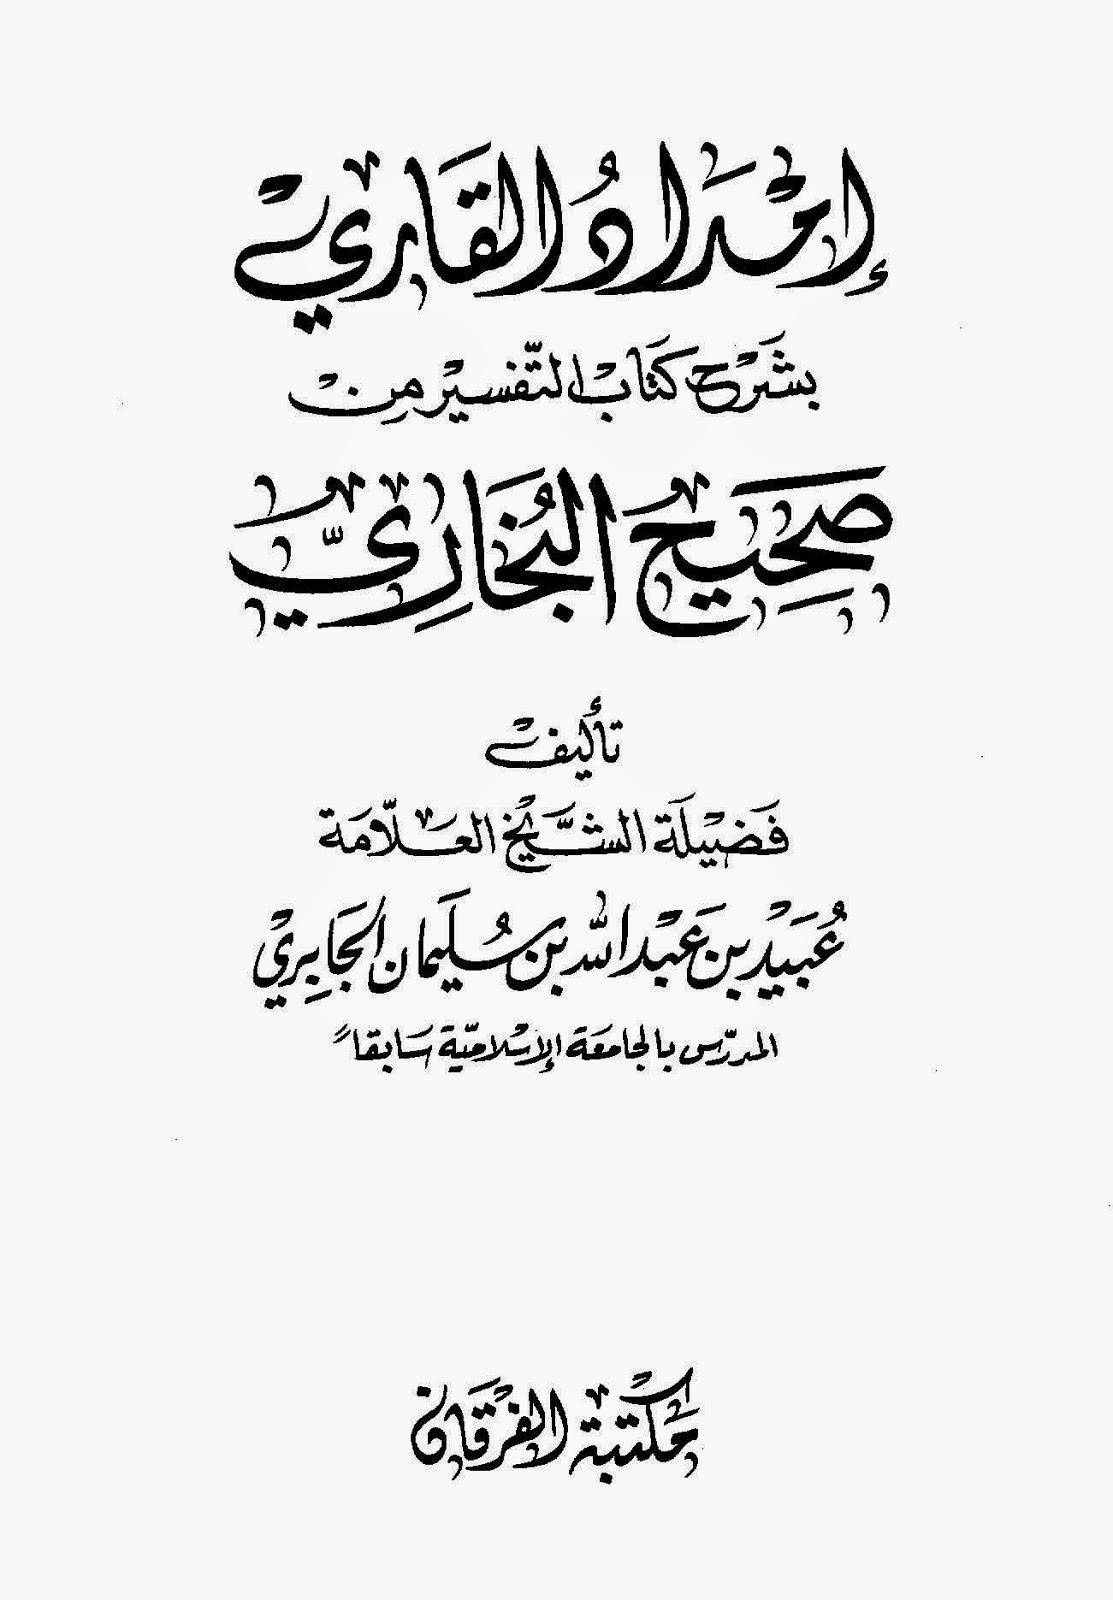 إمداد القاري بشرح كتاب التفسير من صحيح البخاري لـ عبيد الجابري